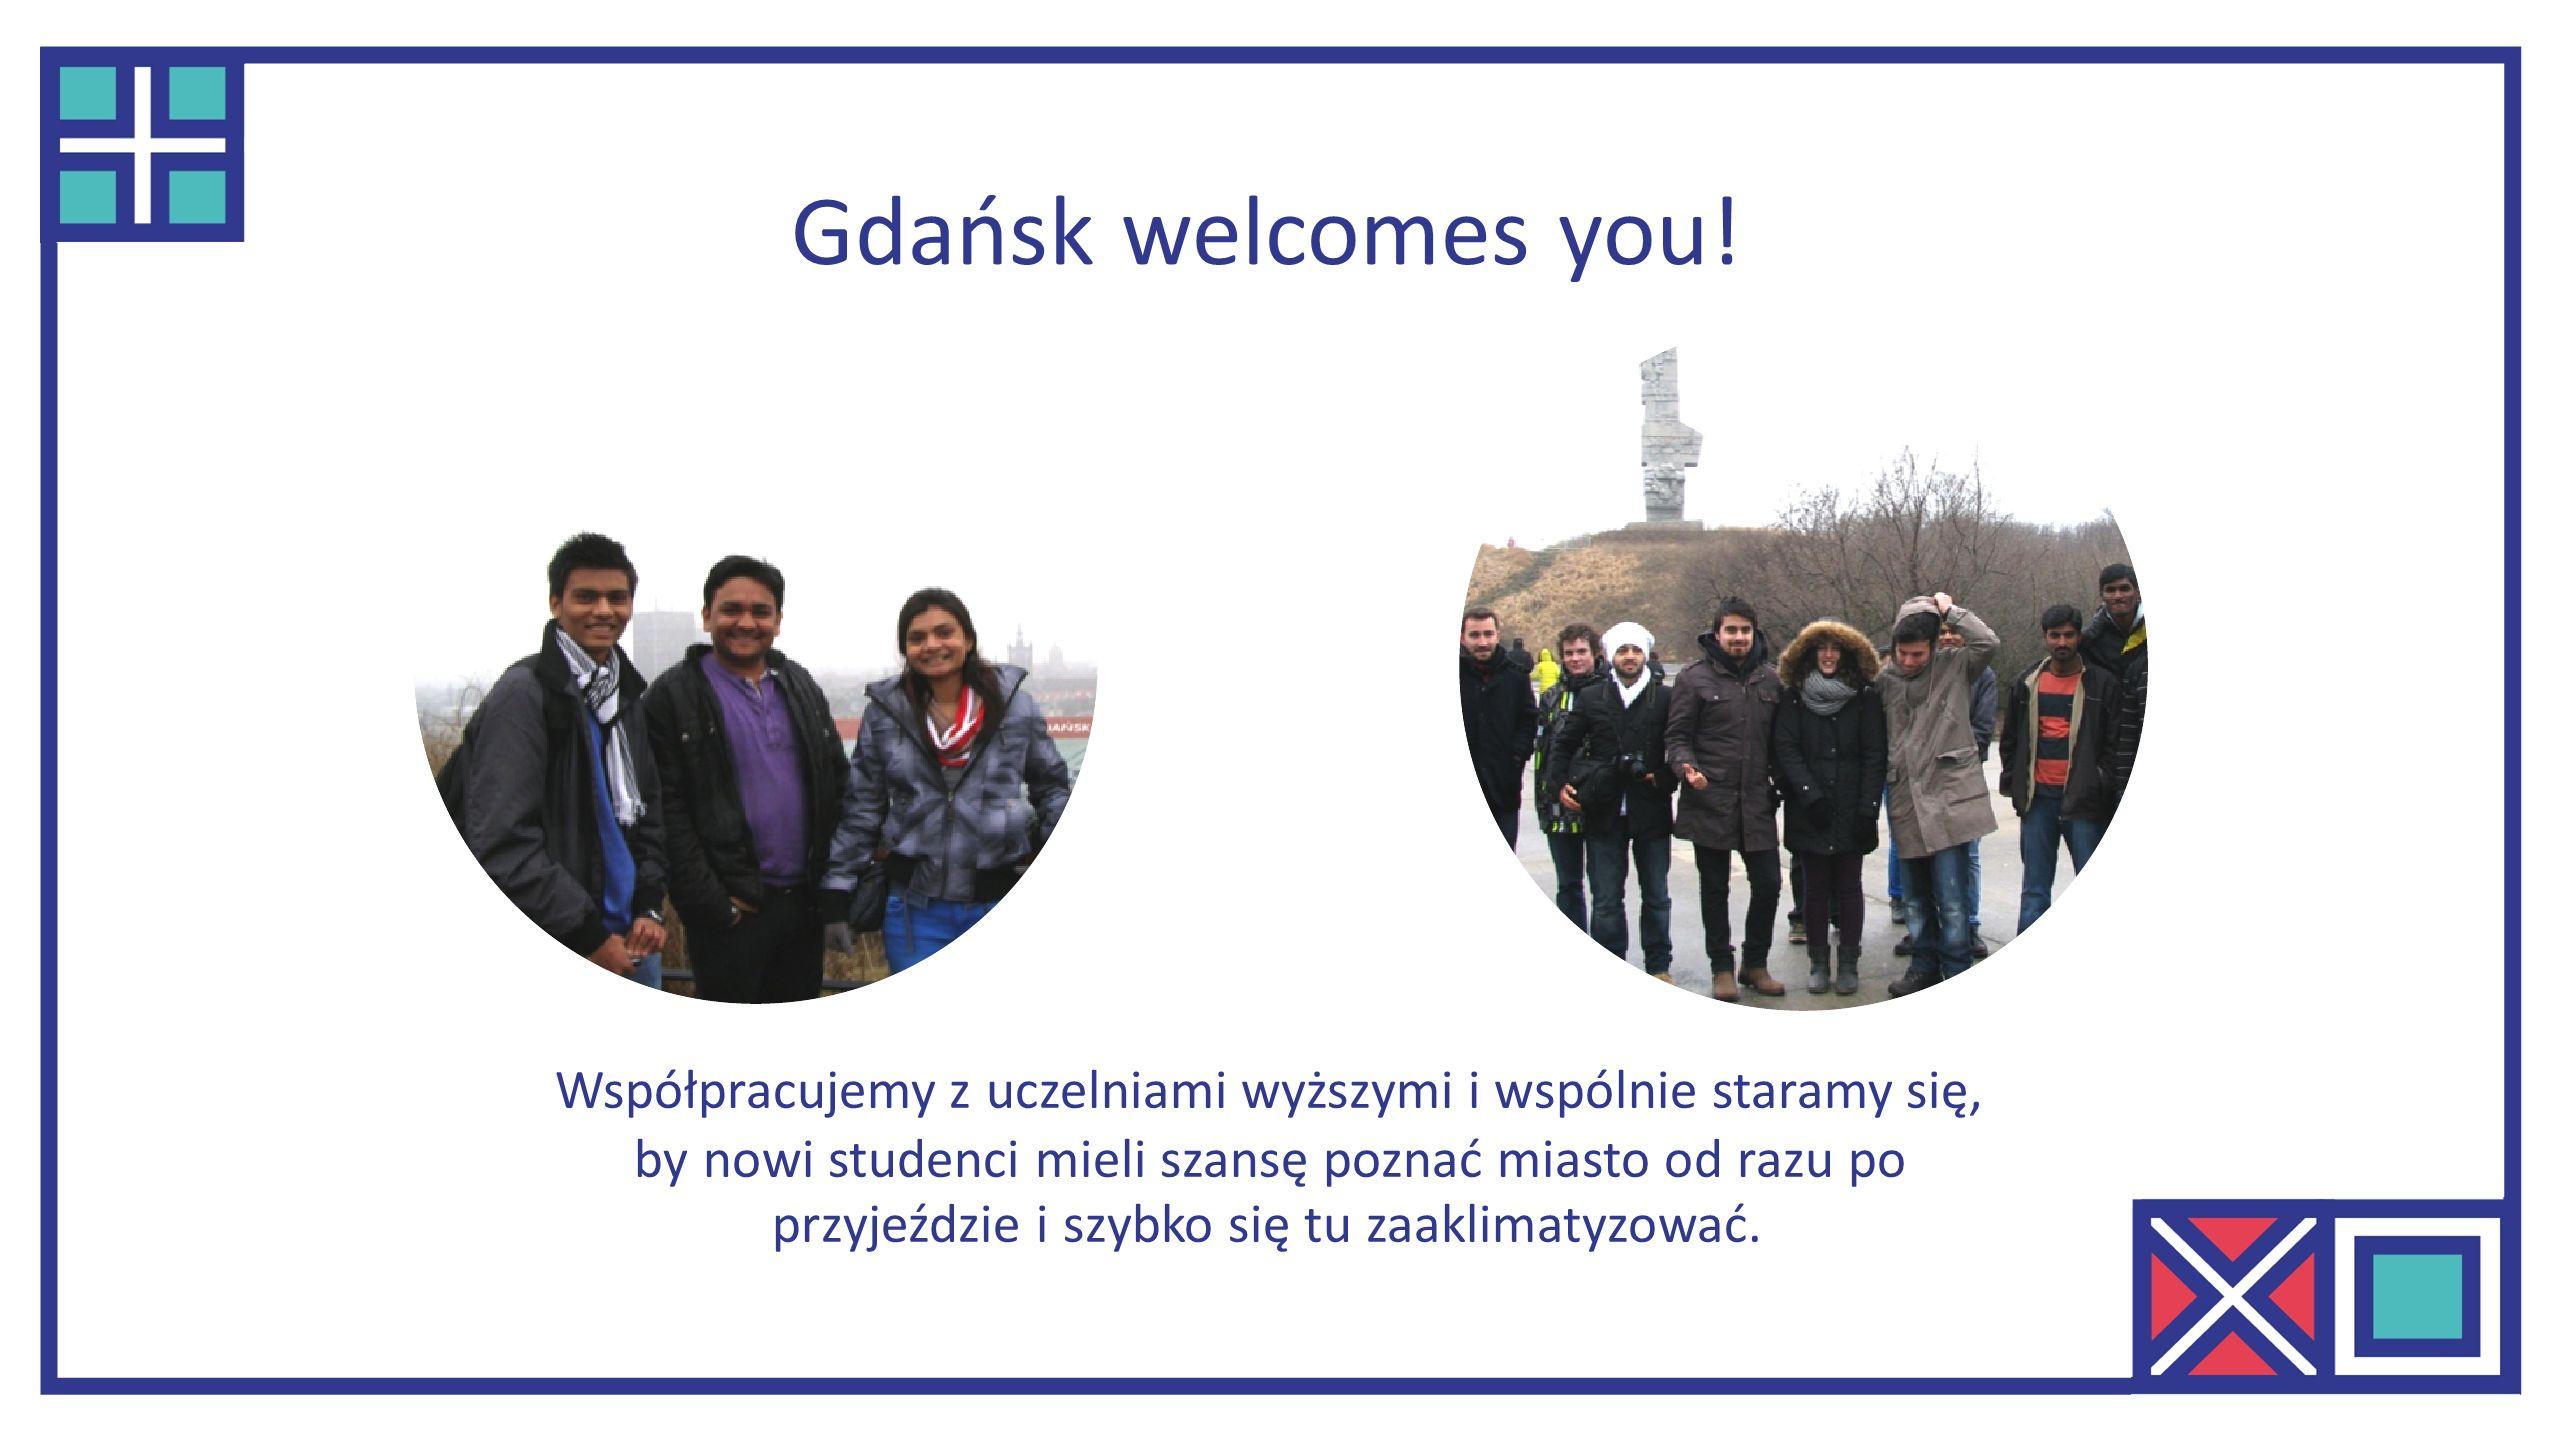 Współpracujemy z uczelniami wyższymi i wspólnie staramy się, by nowi studenci mieli szansę poznać miasto od razu po przyjeździe i szybko się tu zaaklimatyzować.